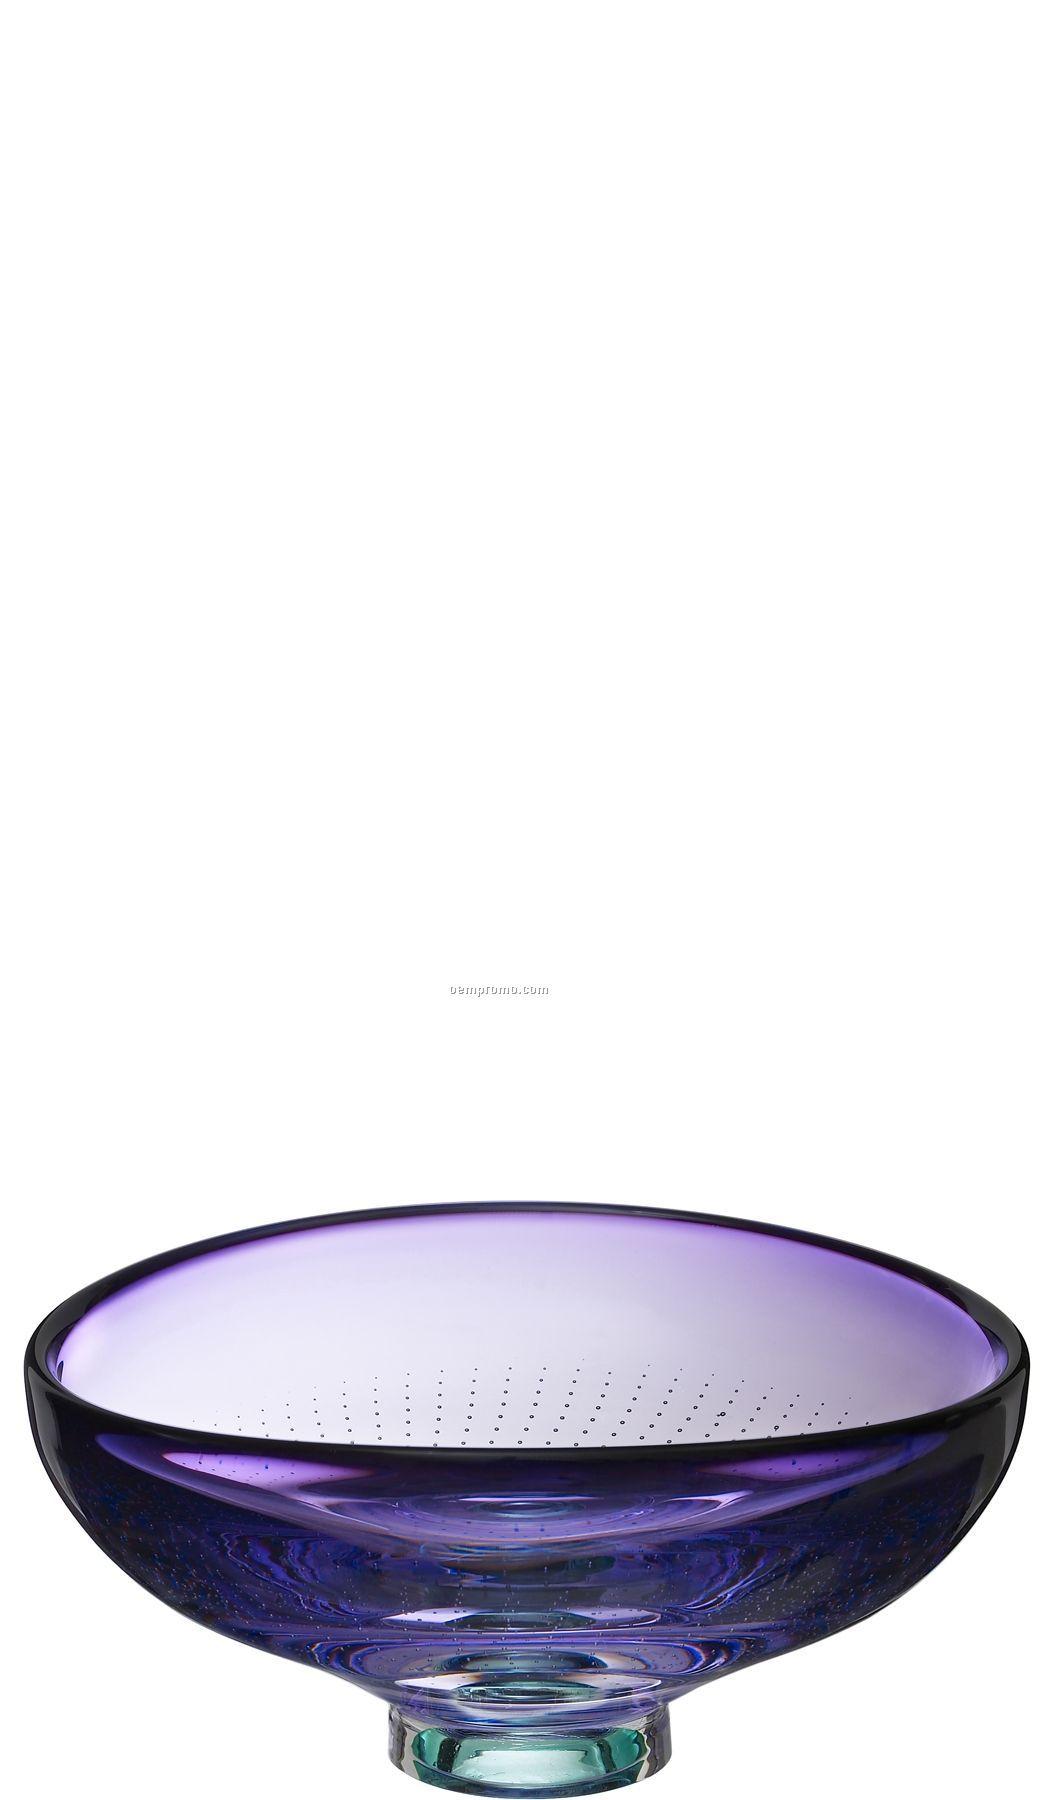 Zoom Bowl By Goran Warff